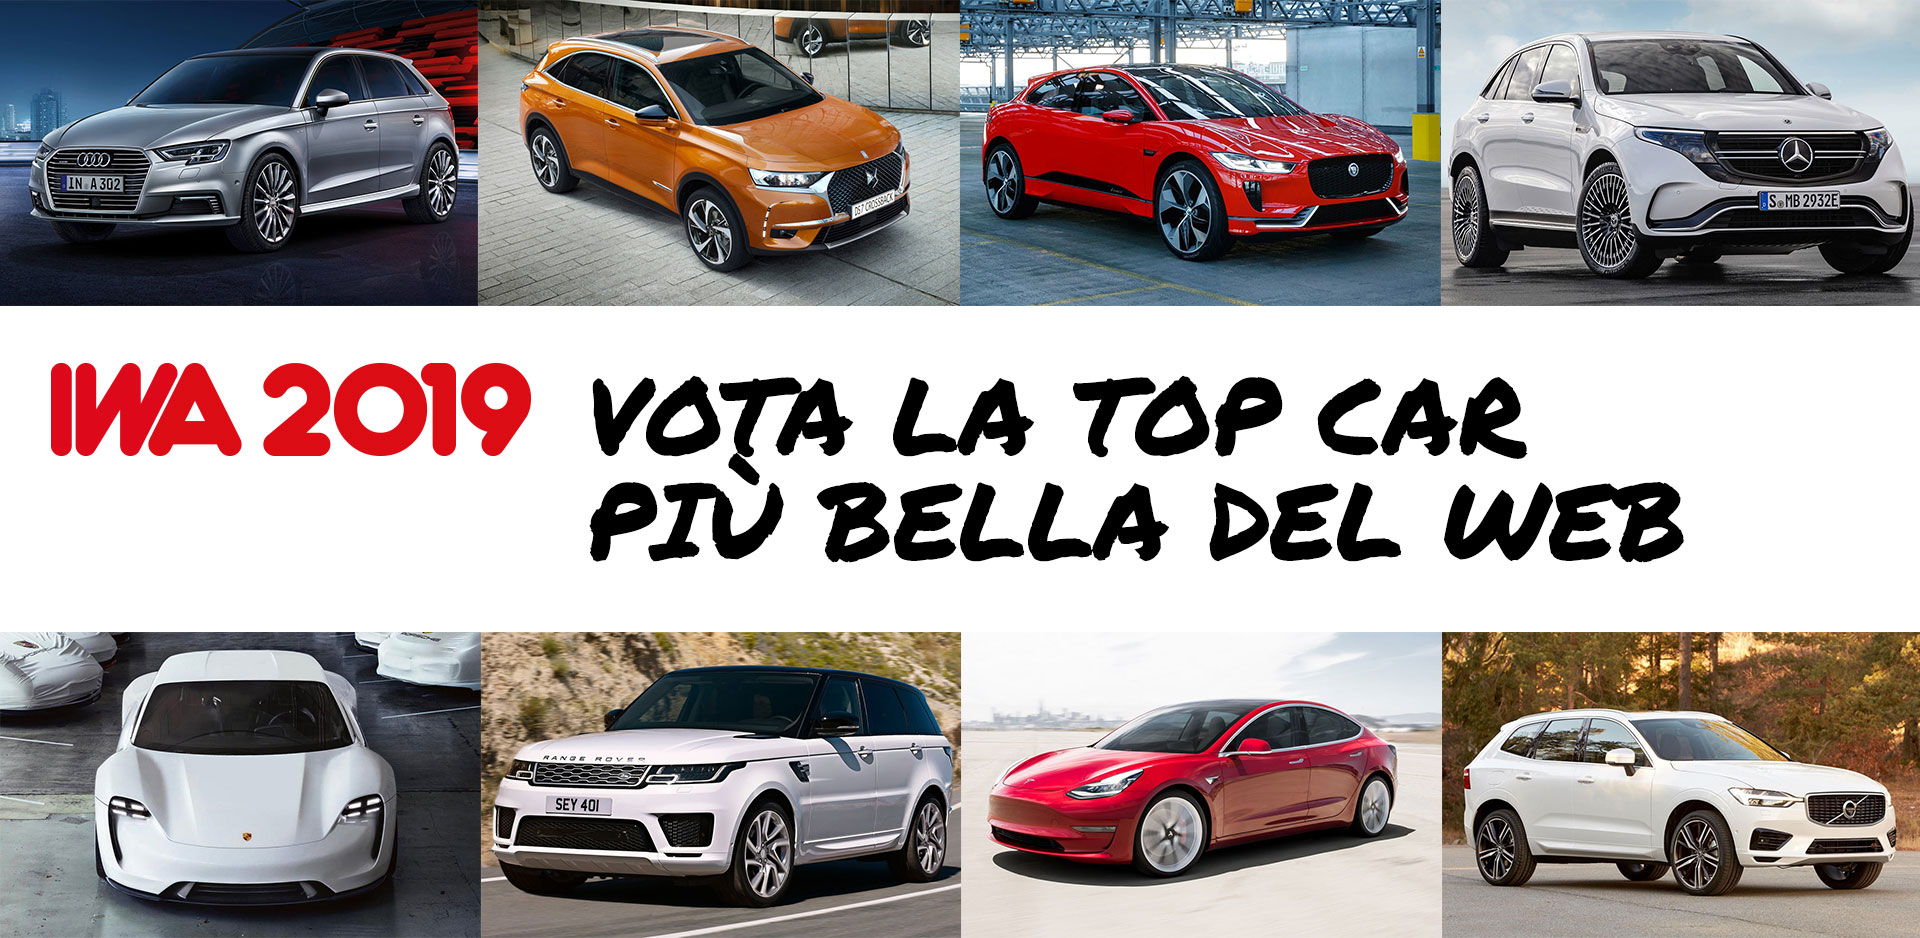 IWA 2019 -Top Car più bella del Web